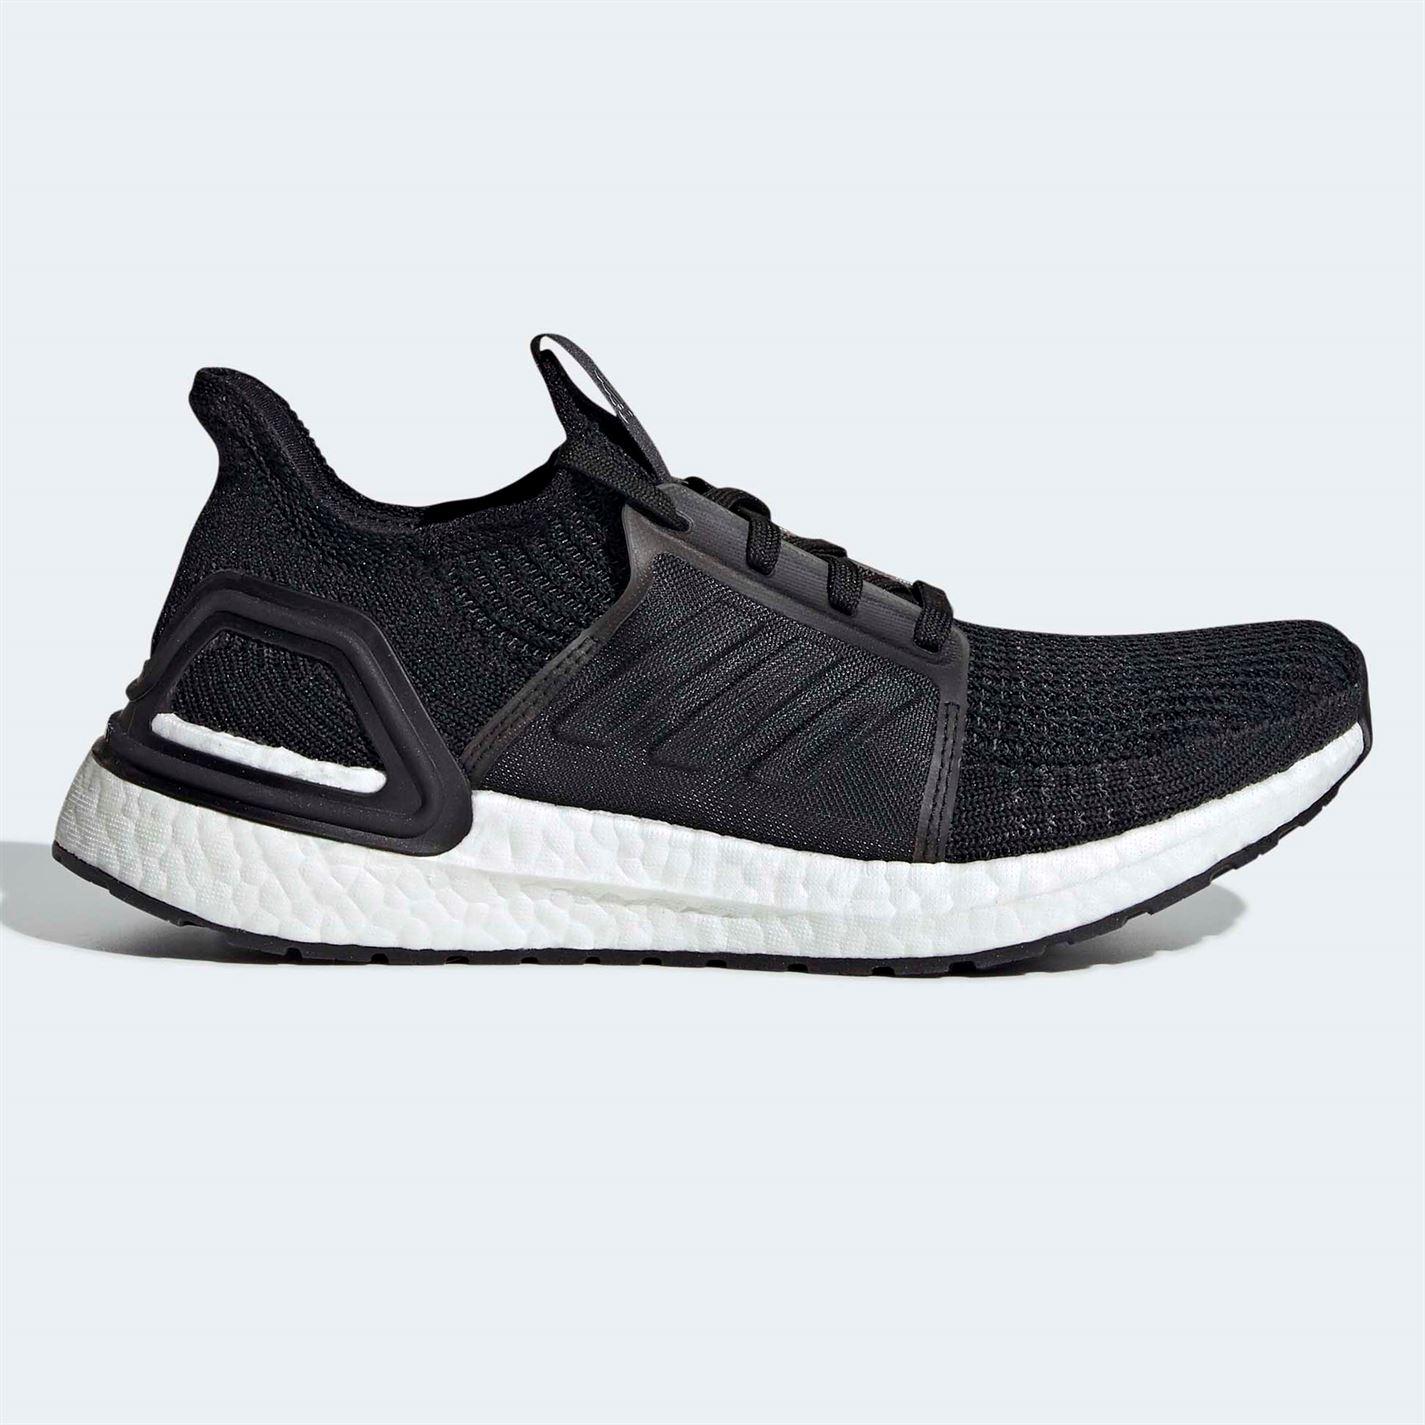 Adidas Ultraboost 19 dámske bežecké tenisky